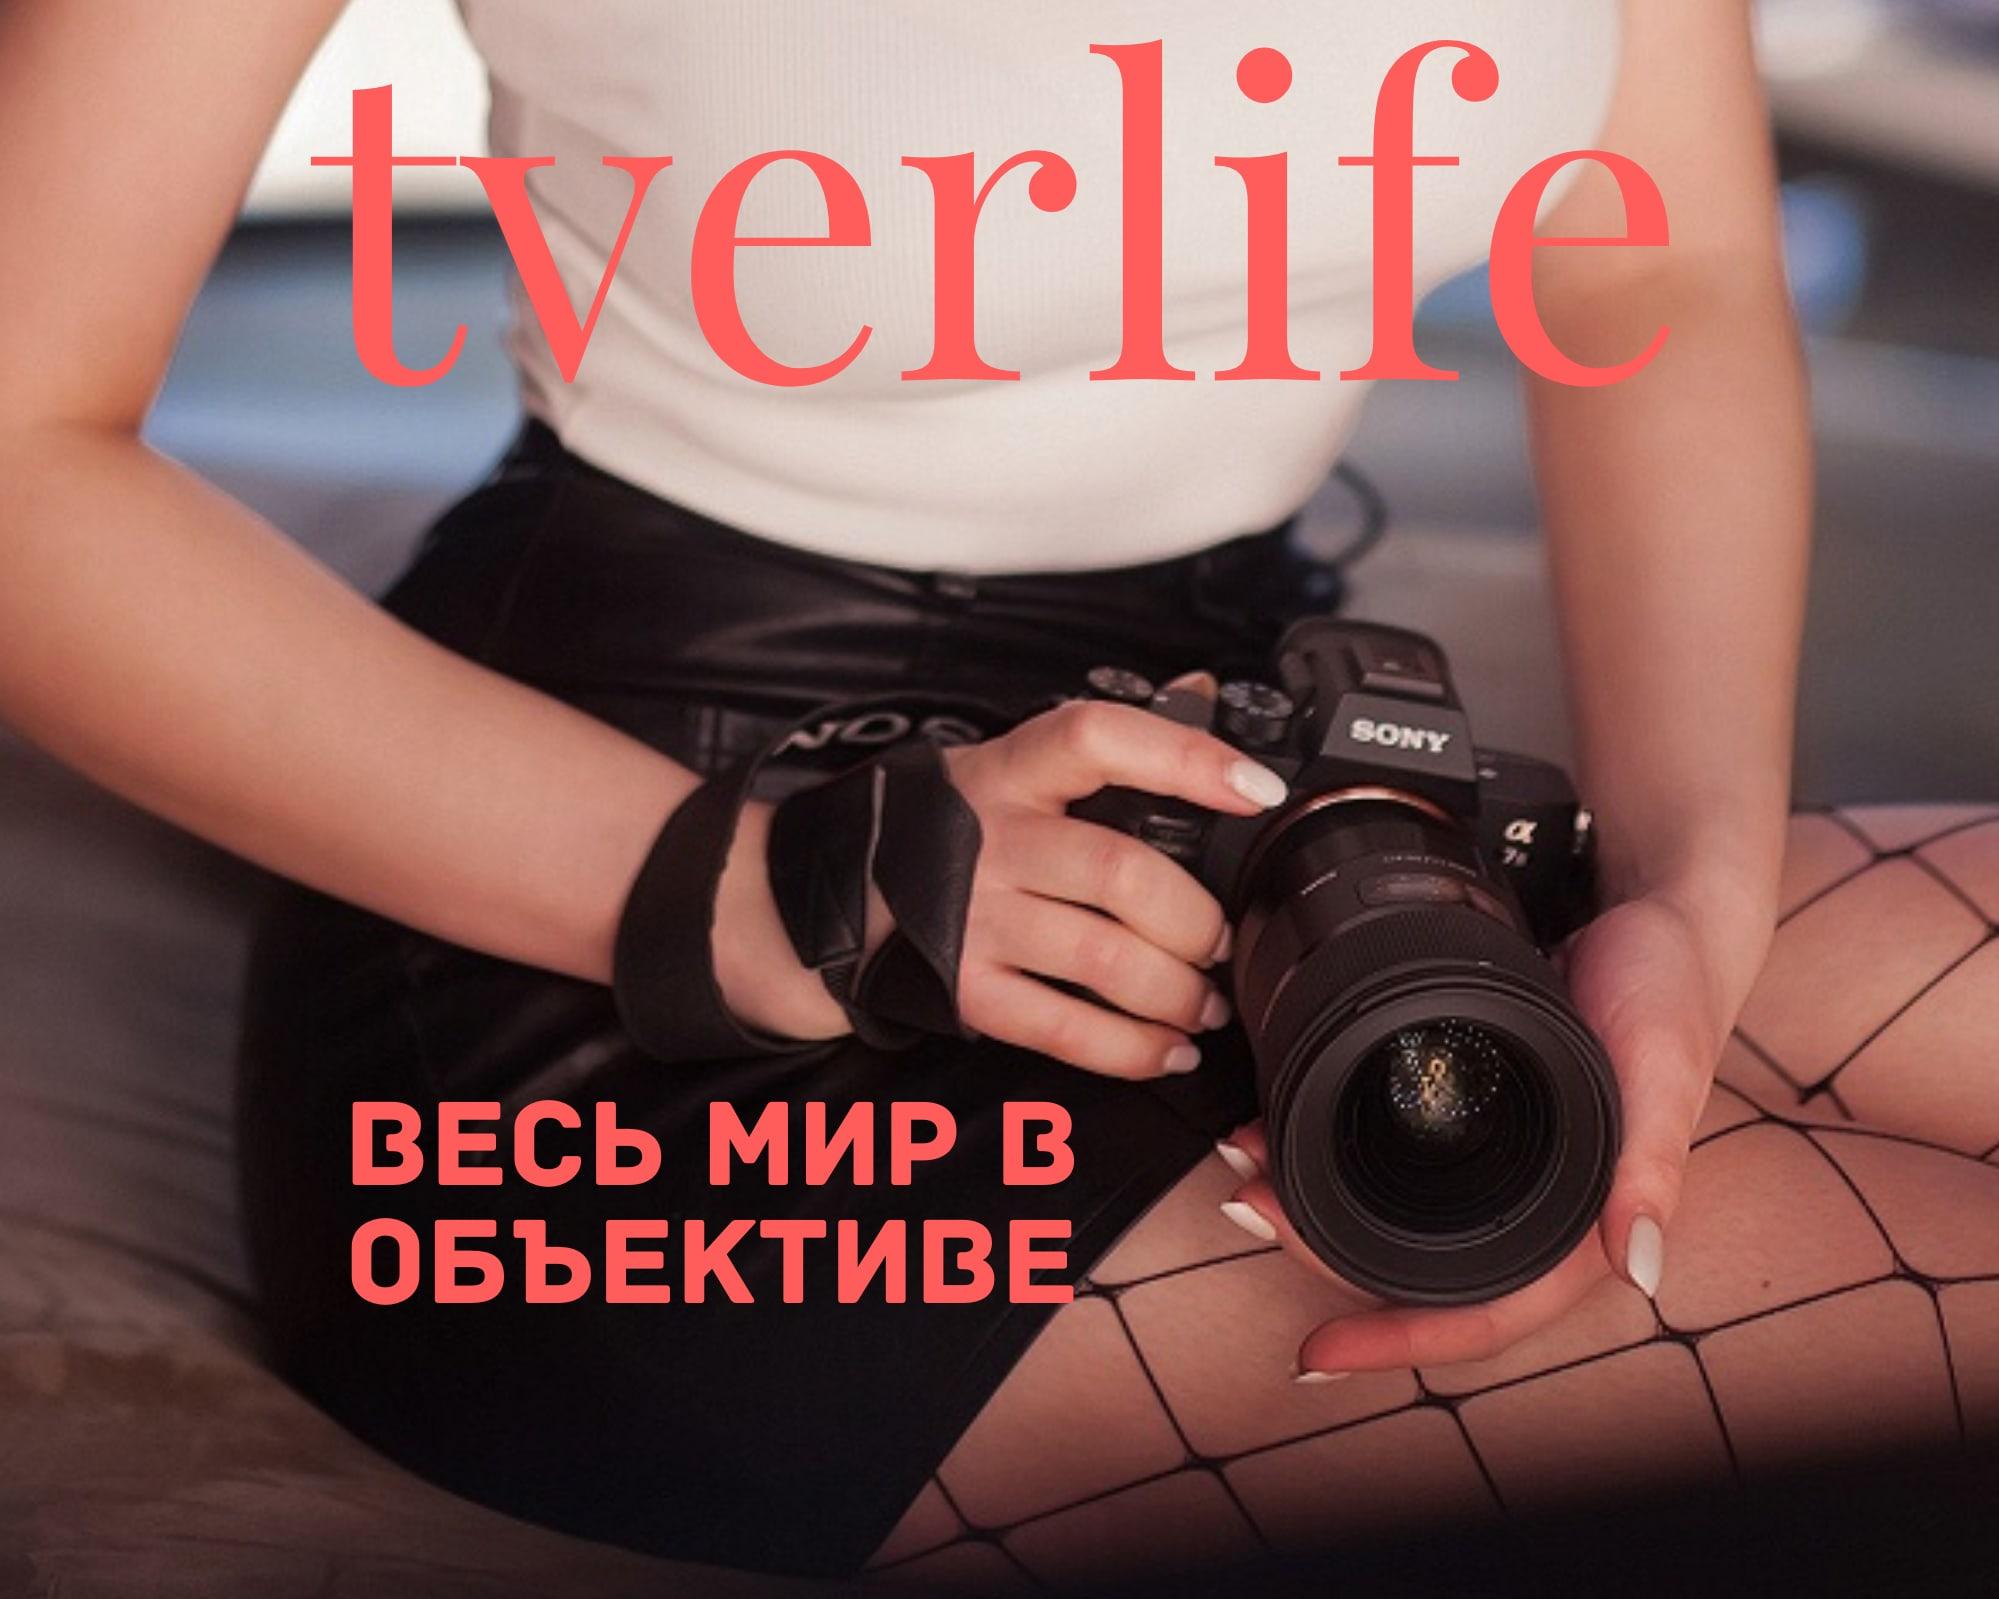 """Новый выпуск журнала """"Тверьлайф"""" собрал лучших фотографов страны"""